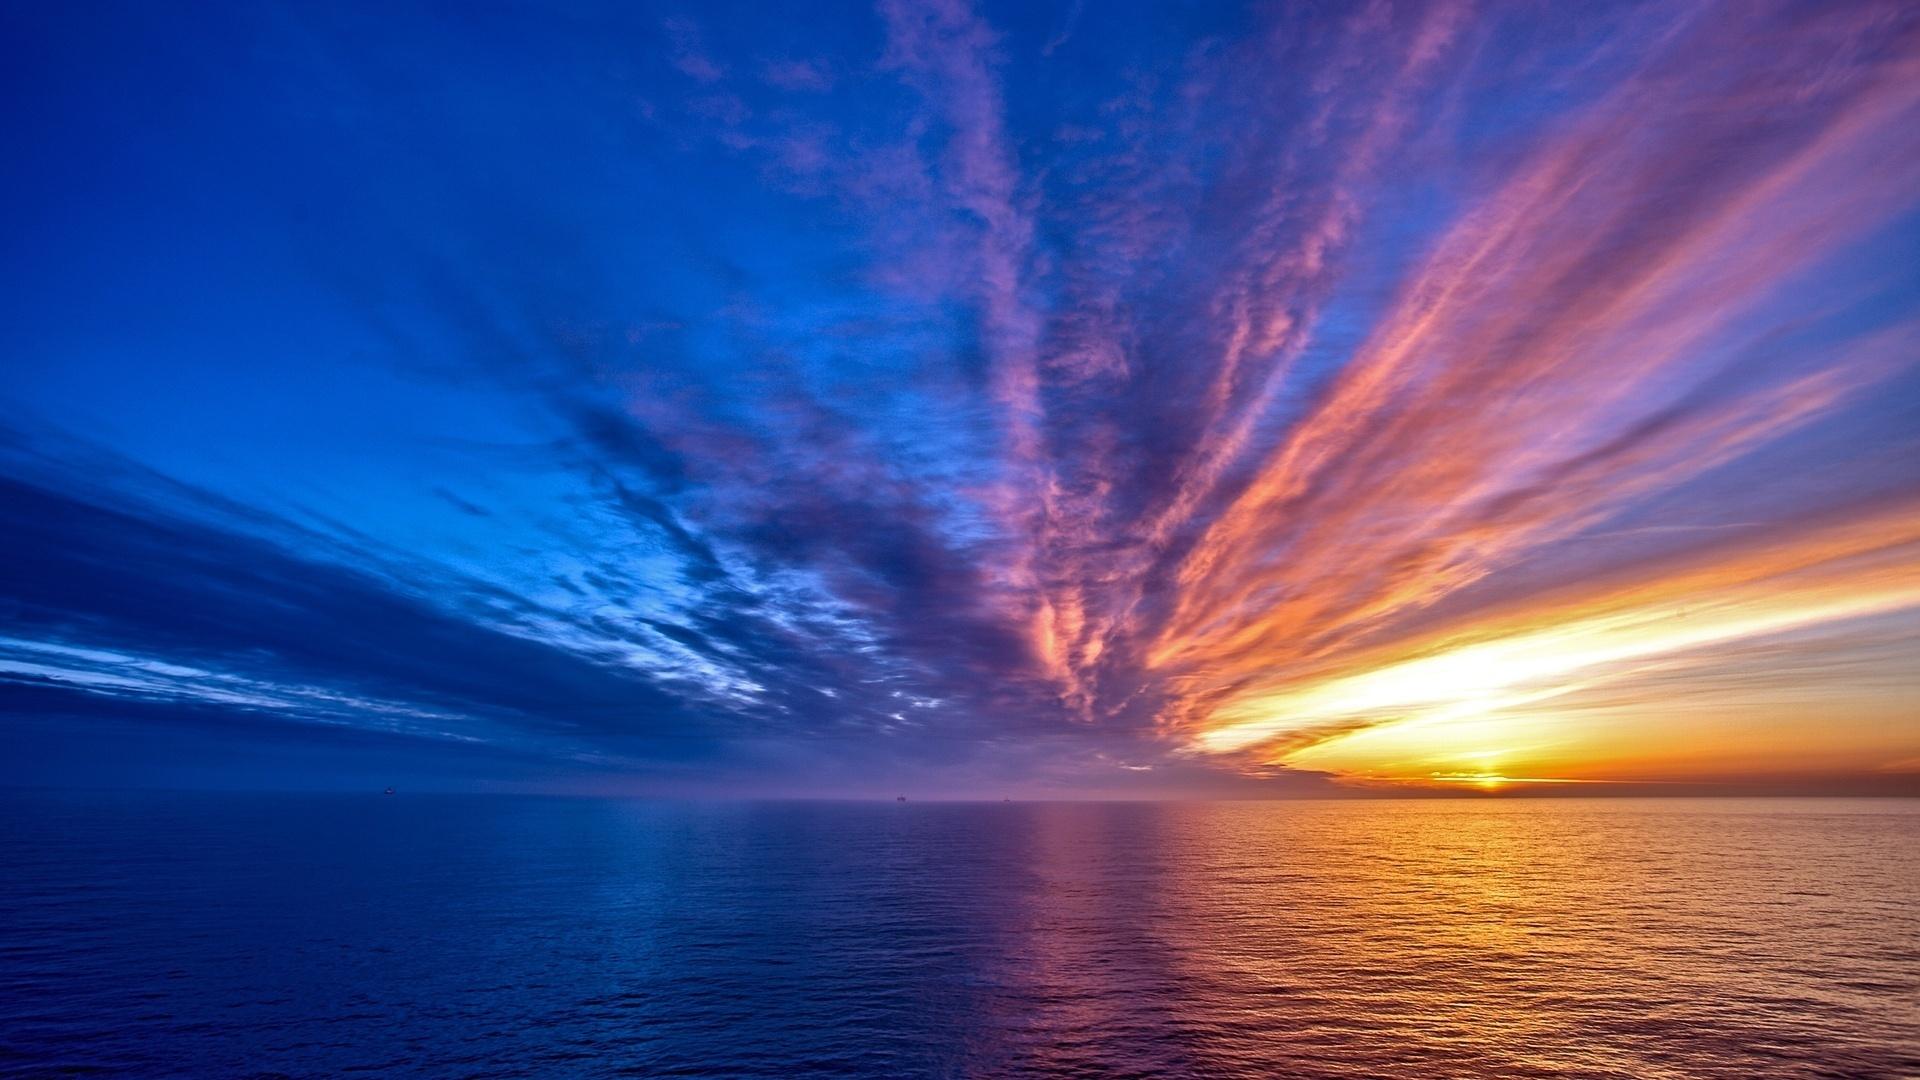 hd sea to sky - photo #30